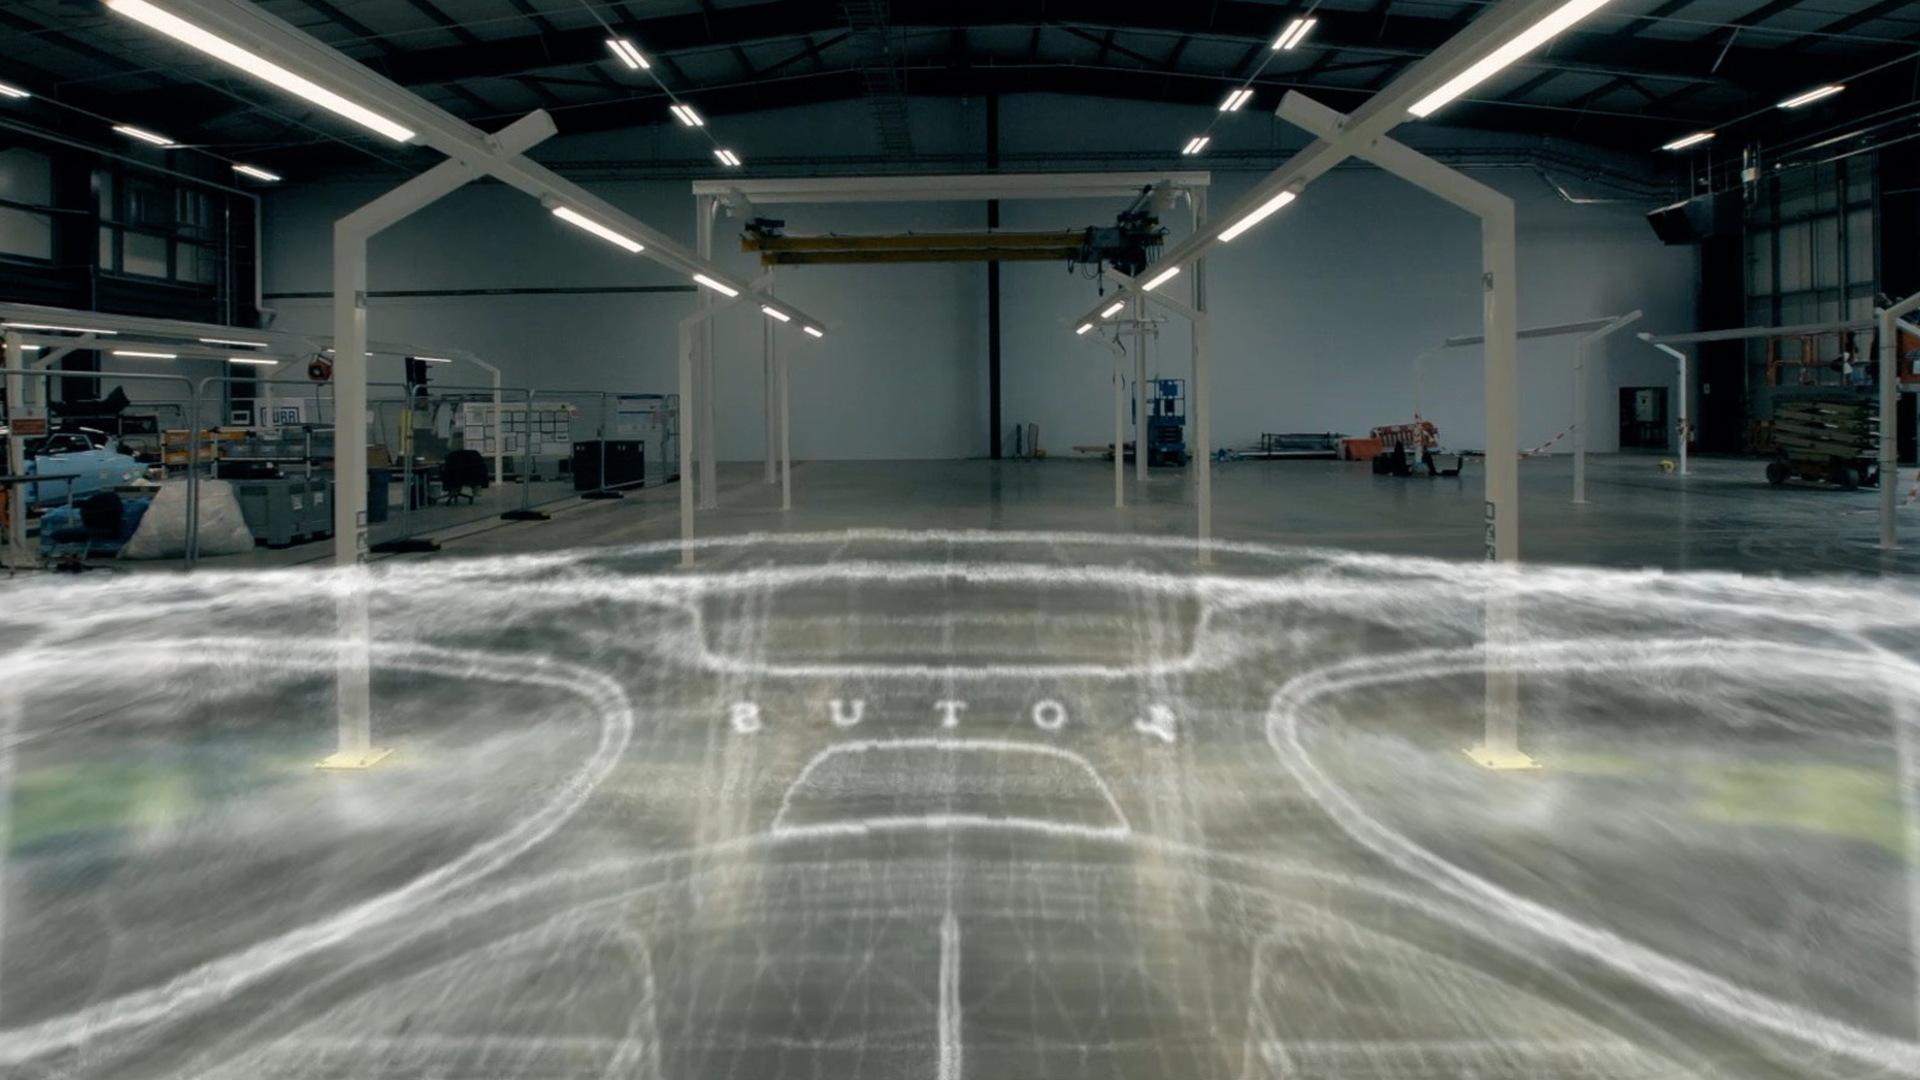 Teaser for Lotus Emira due in 2022